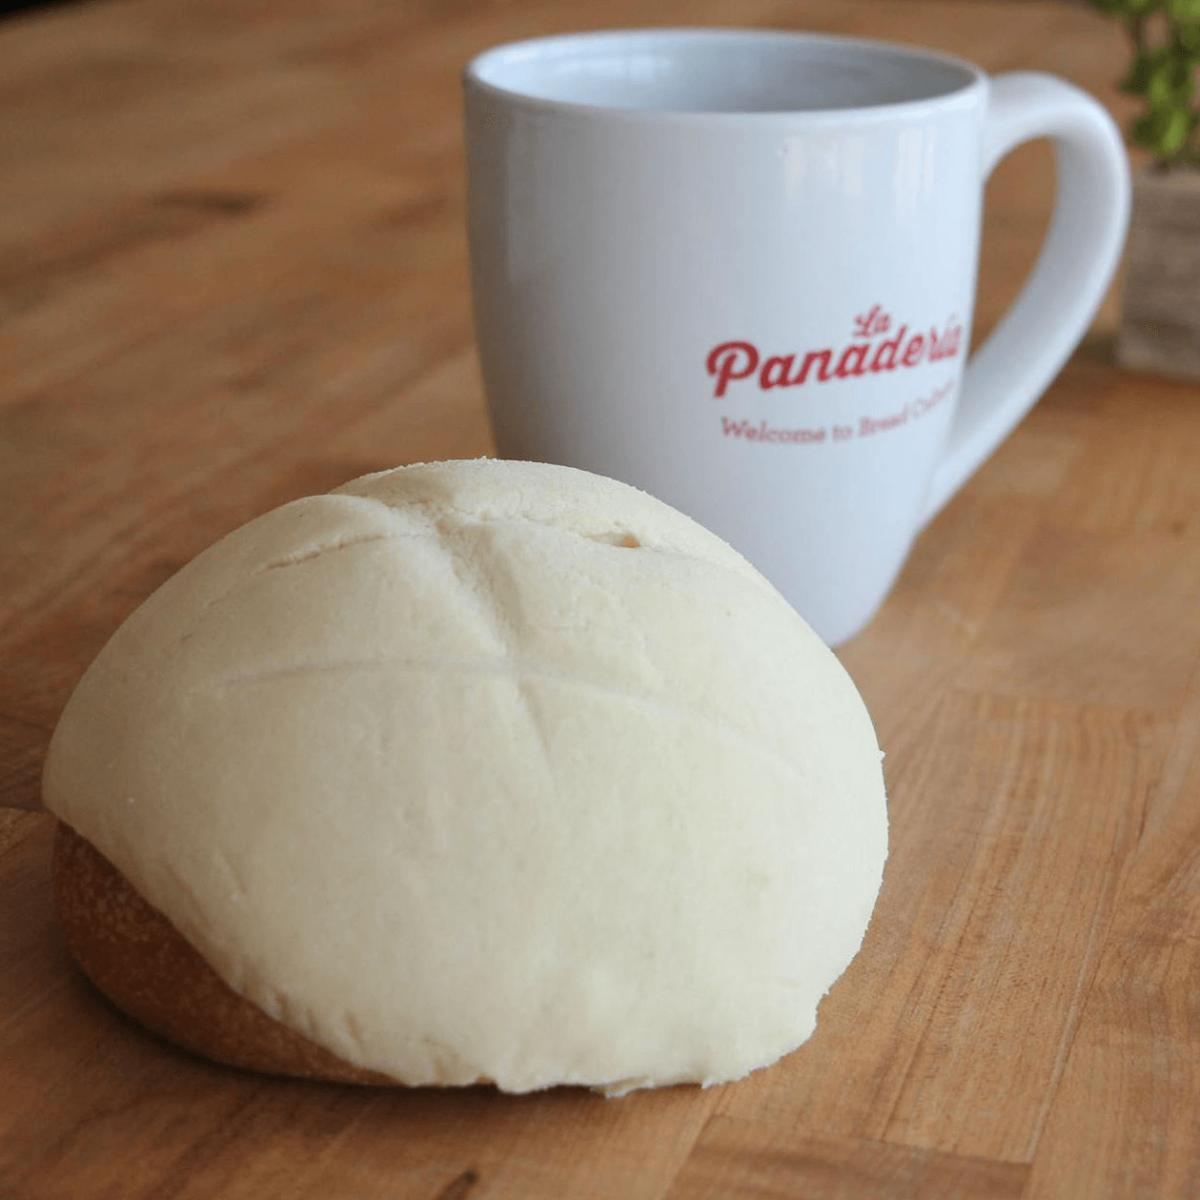 La Panaderia San Antonio pan dulce coffee